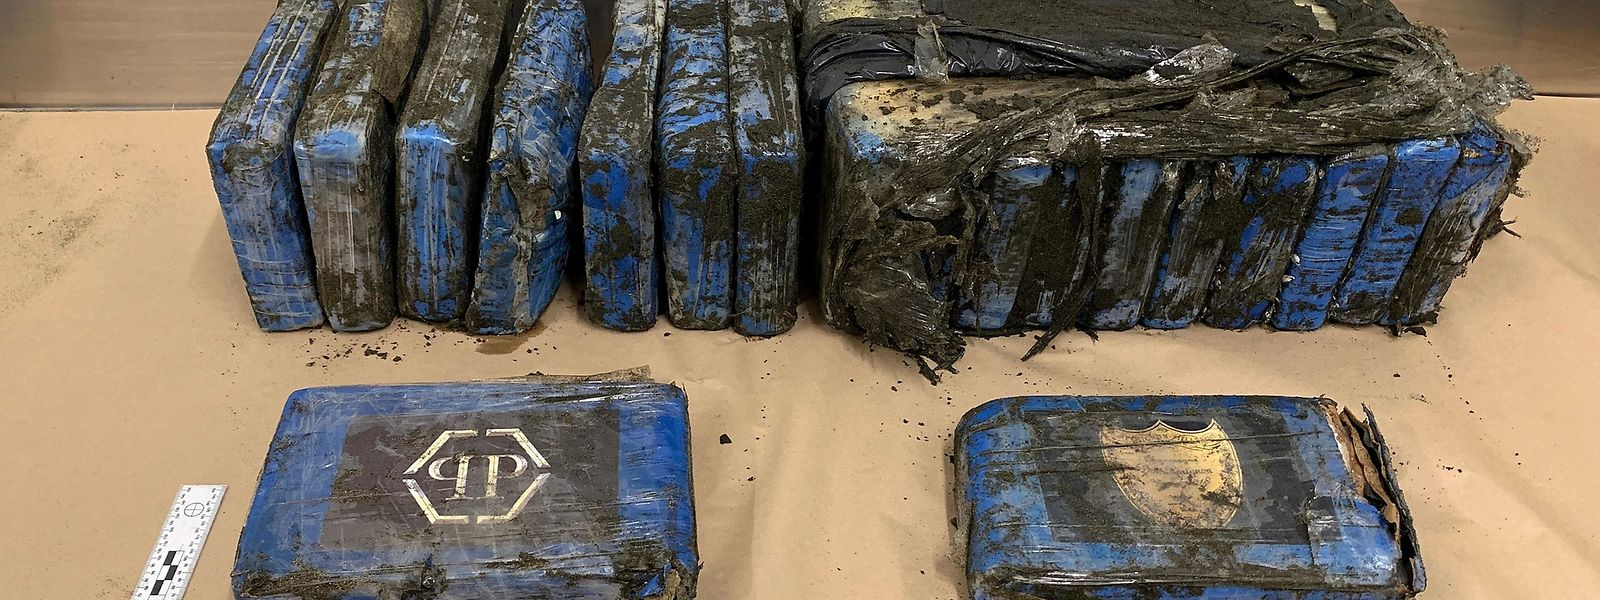 Die Polizei in Neuseeland fand 19 Kokainpäckchen an einem Strand nahe Auckland.